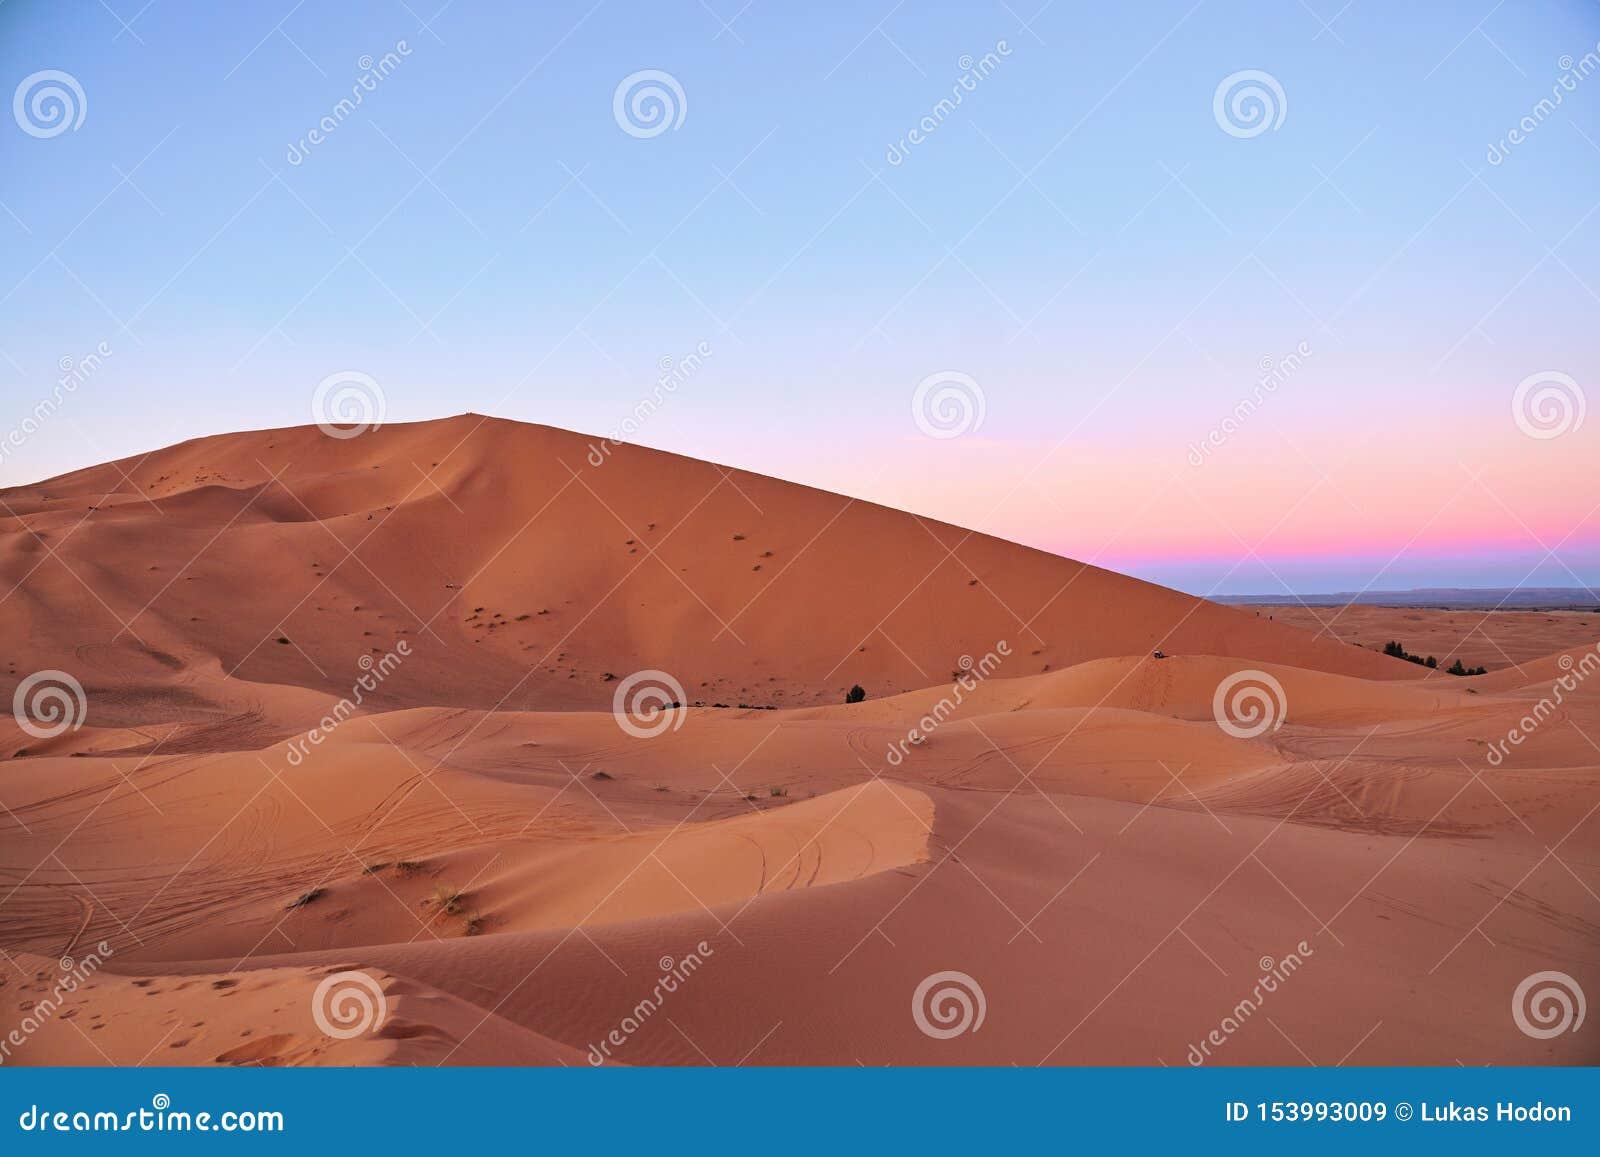 Grandi dune nel deserto del Sahara durante il tramonto